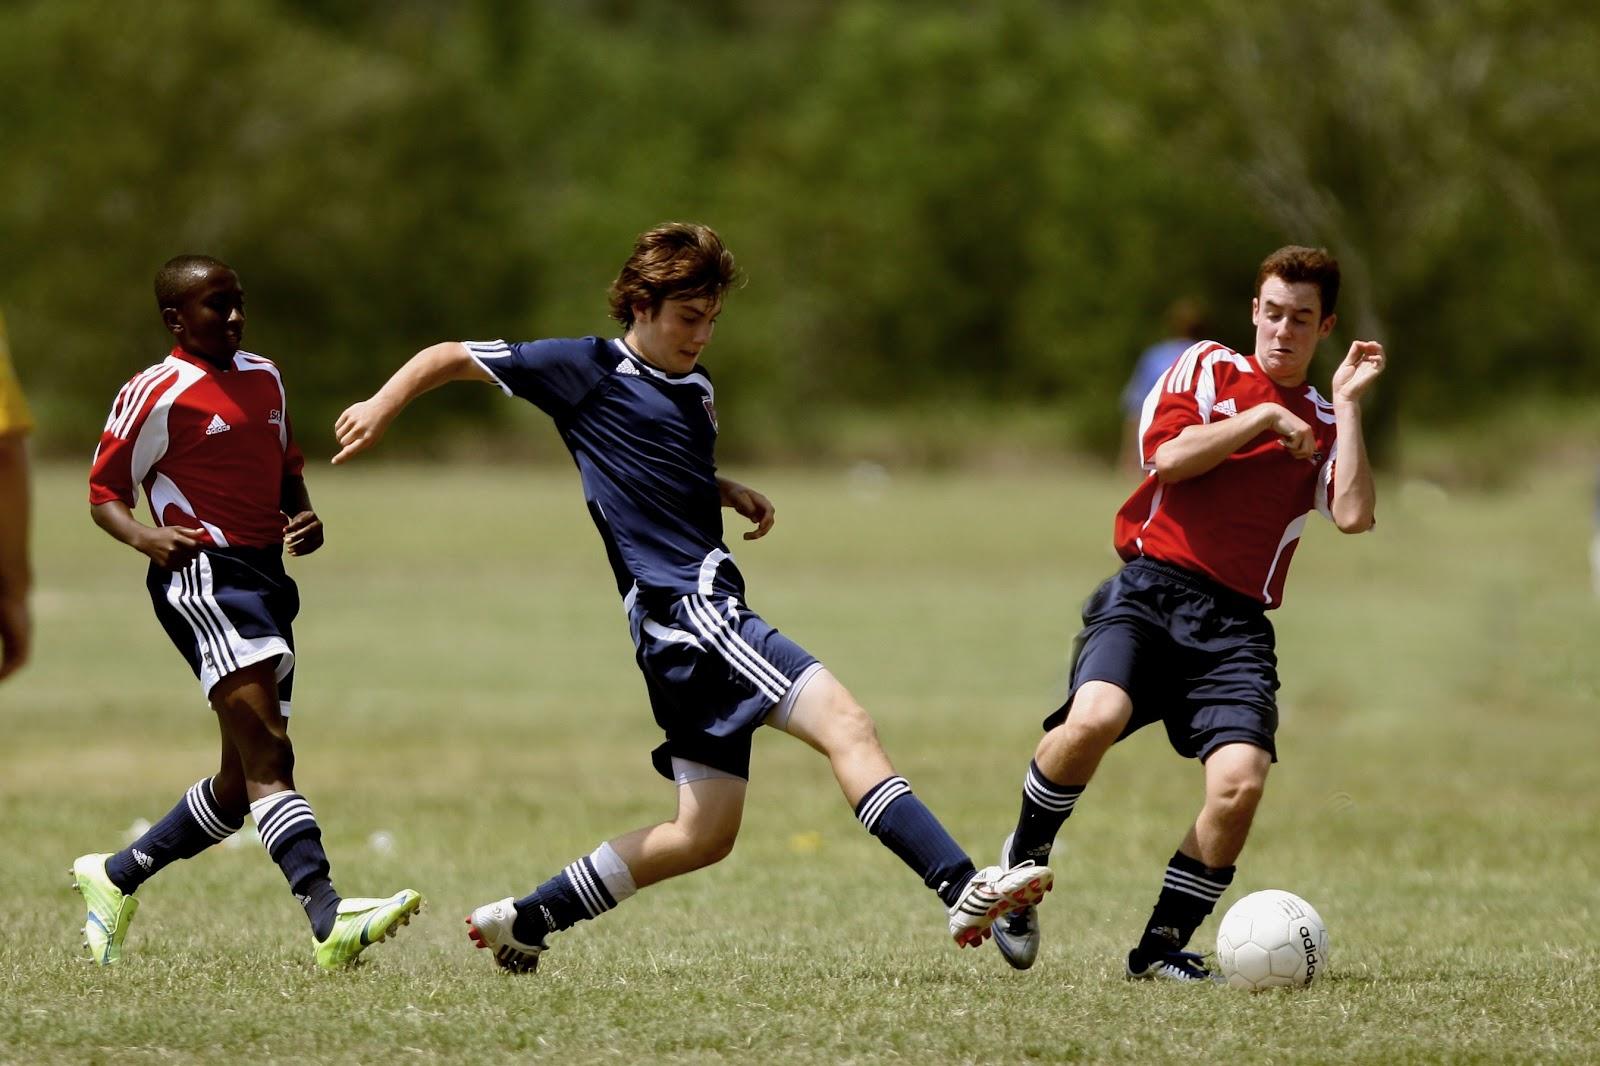 A atlética é uma ótima forma de se manter saudável enquanto interage com os colegas (Fonte: KeithJJ/Pixabay)